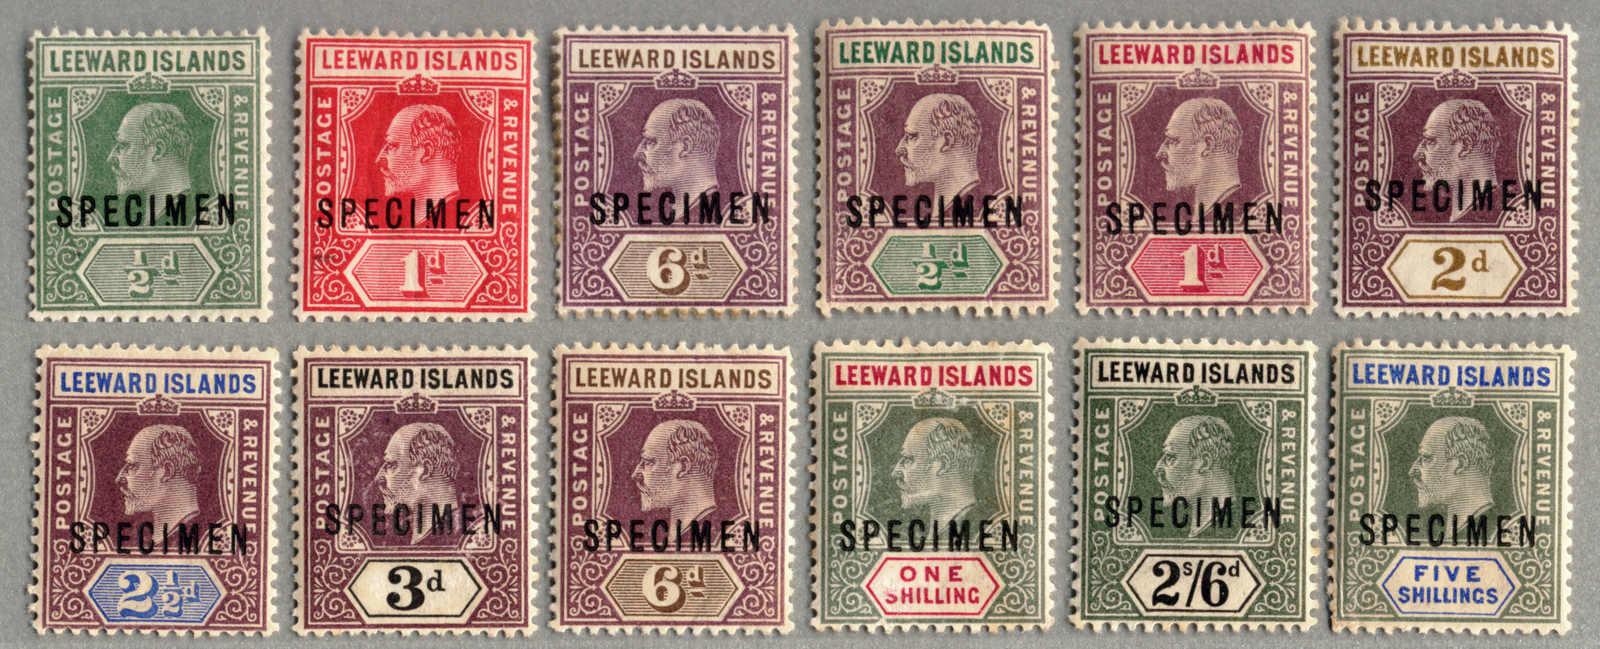 Lot 20762 - leeward islands  -  classicphil GmbH 5'th classicphil Auction - VIENNA- AUSTRIA